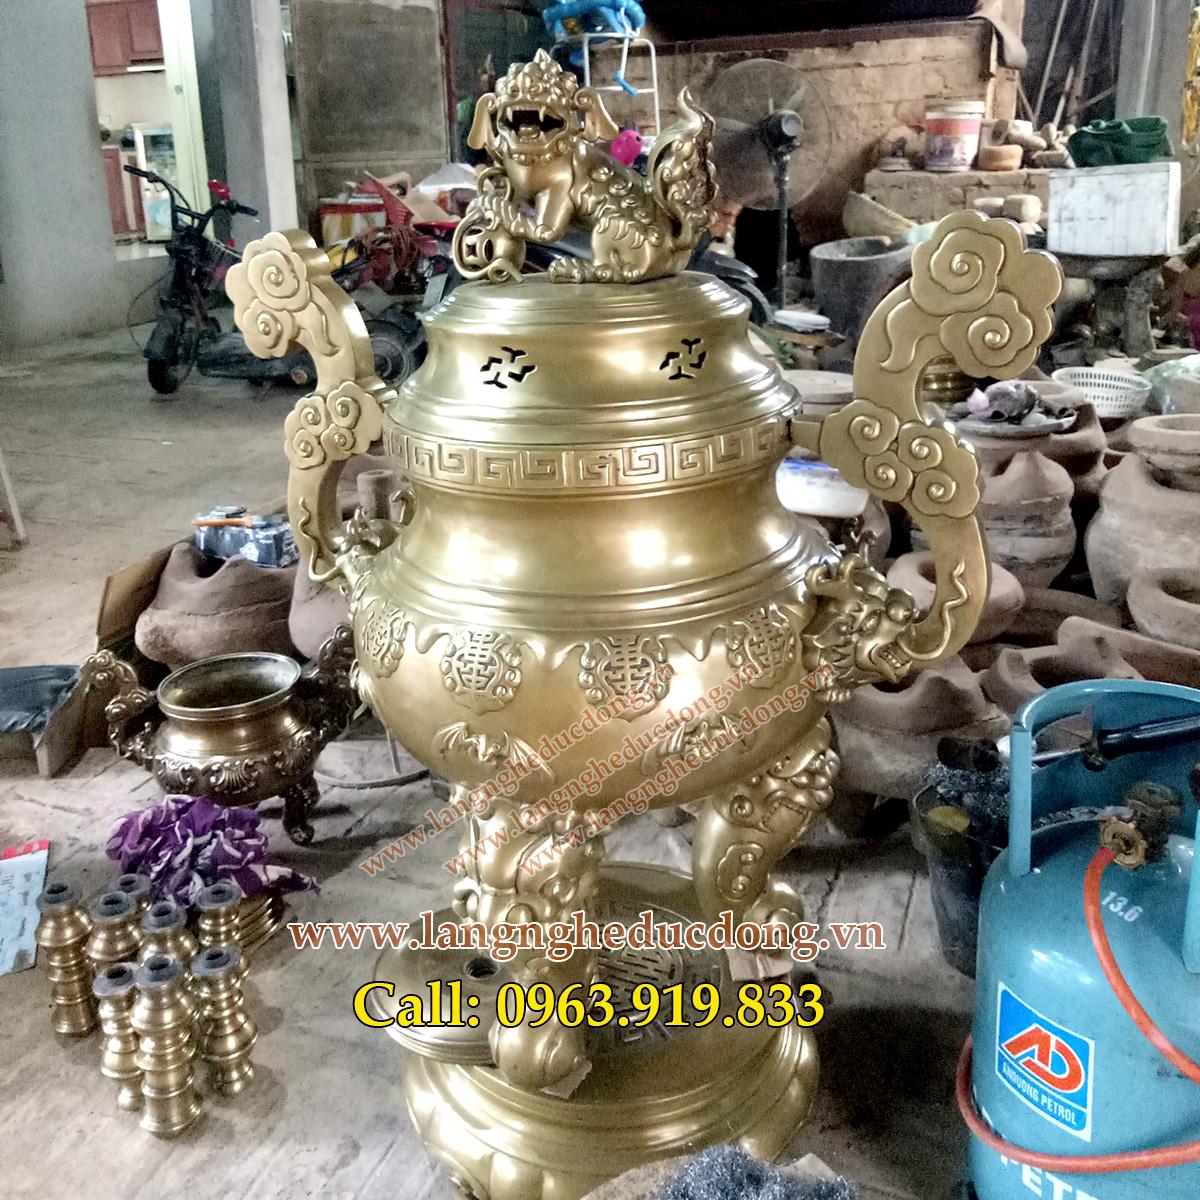 langngheducdong.vn - đồ thờ cúng bằng đồng, đỉnh đồng cúng tiến, đồ đồng cúng tiến